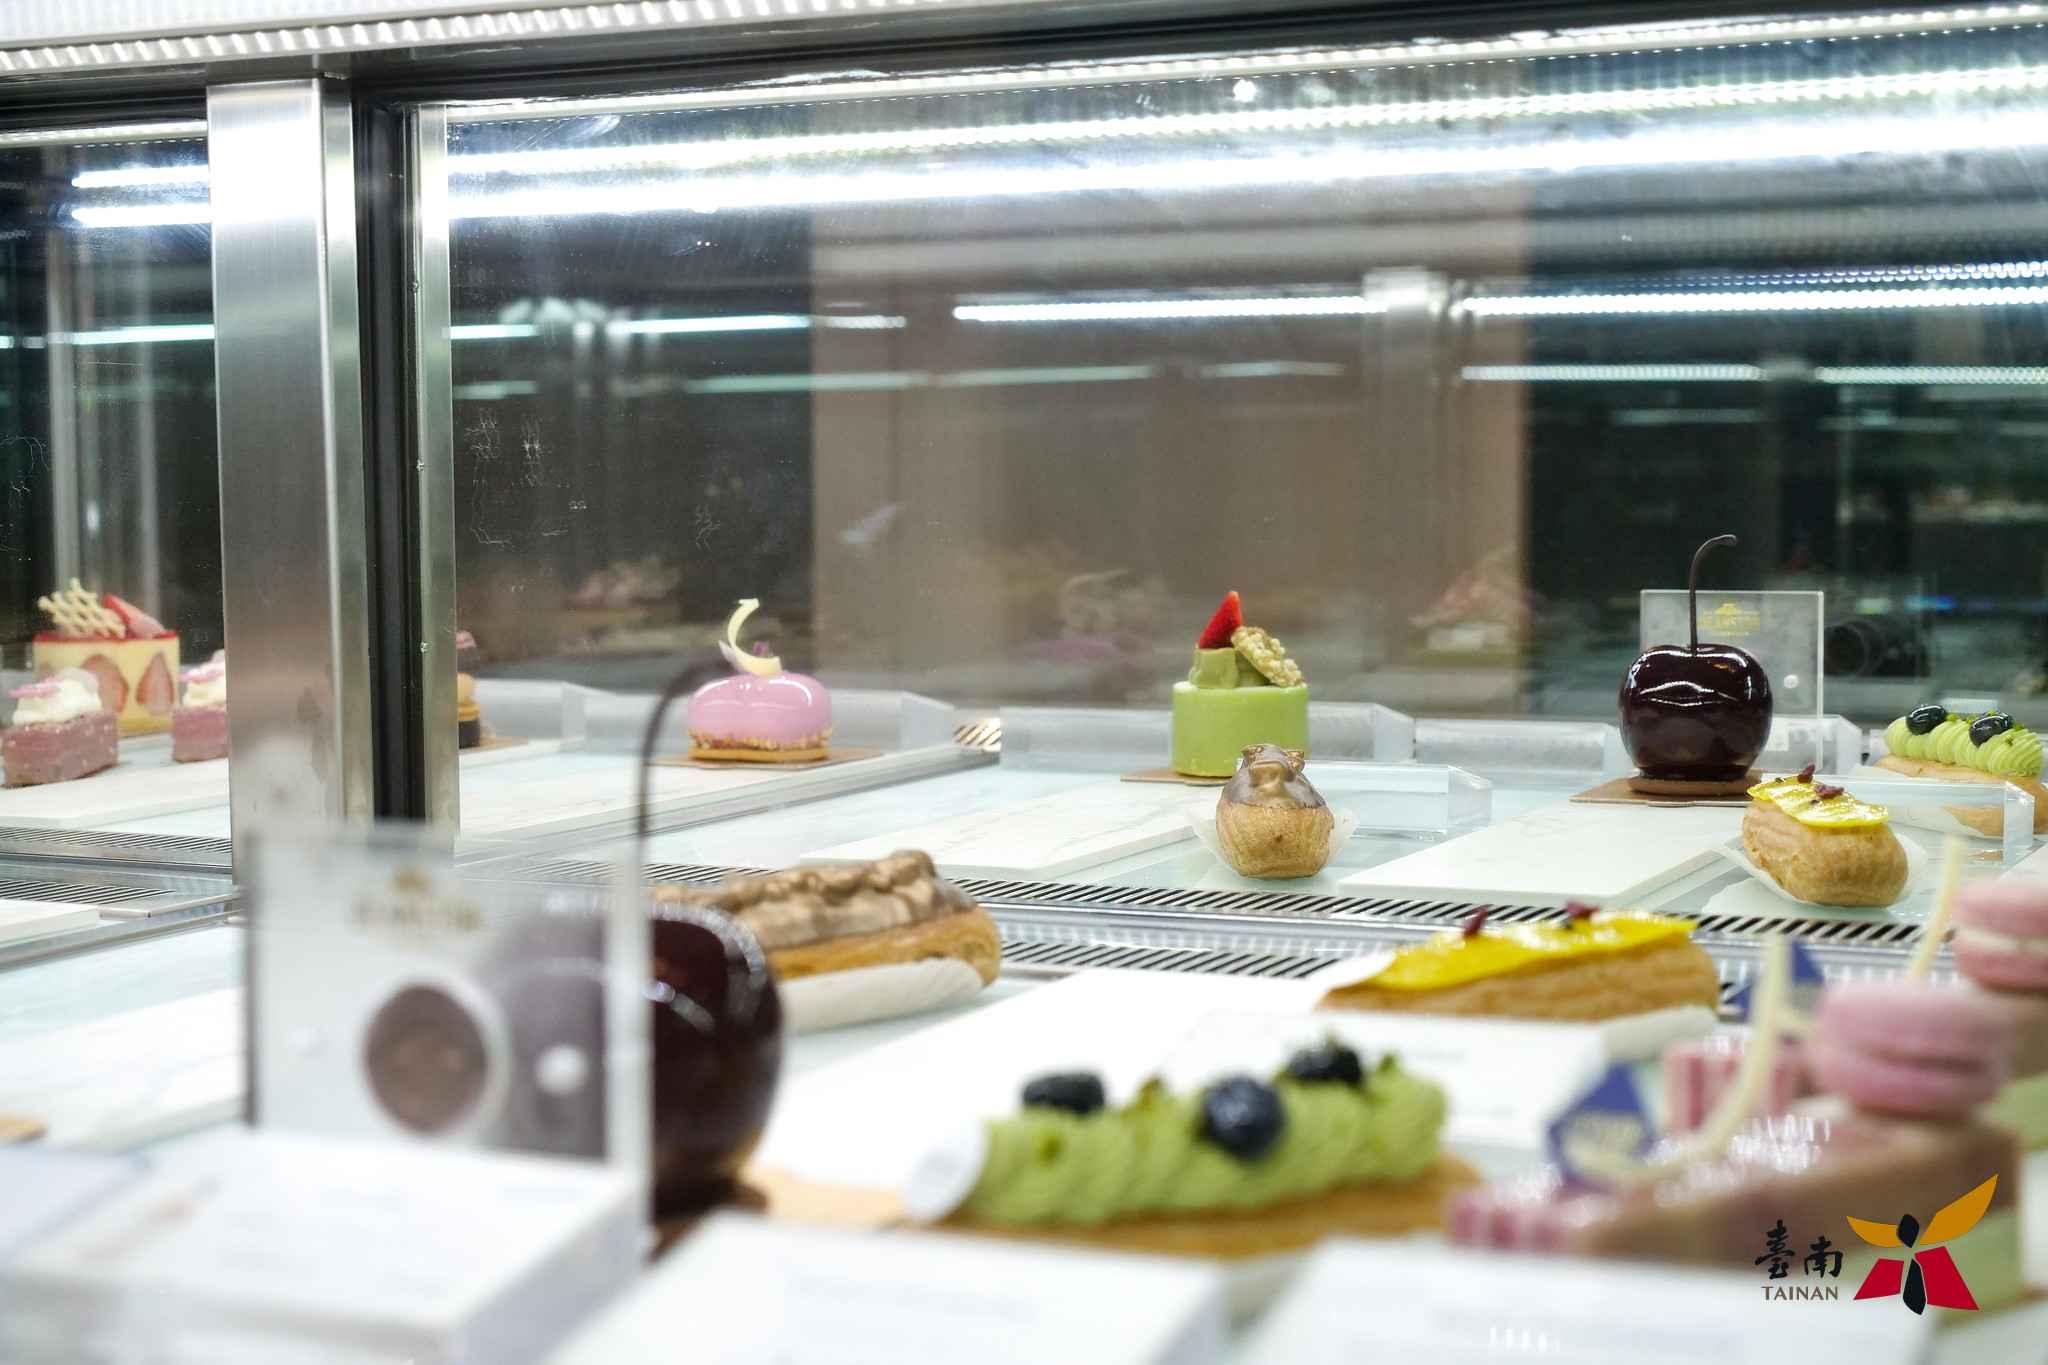 台南法式甜點 - Mytainan - 04